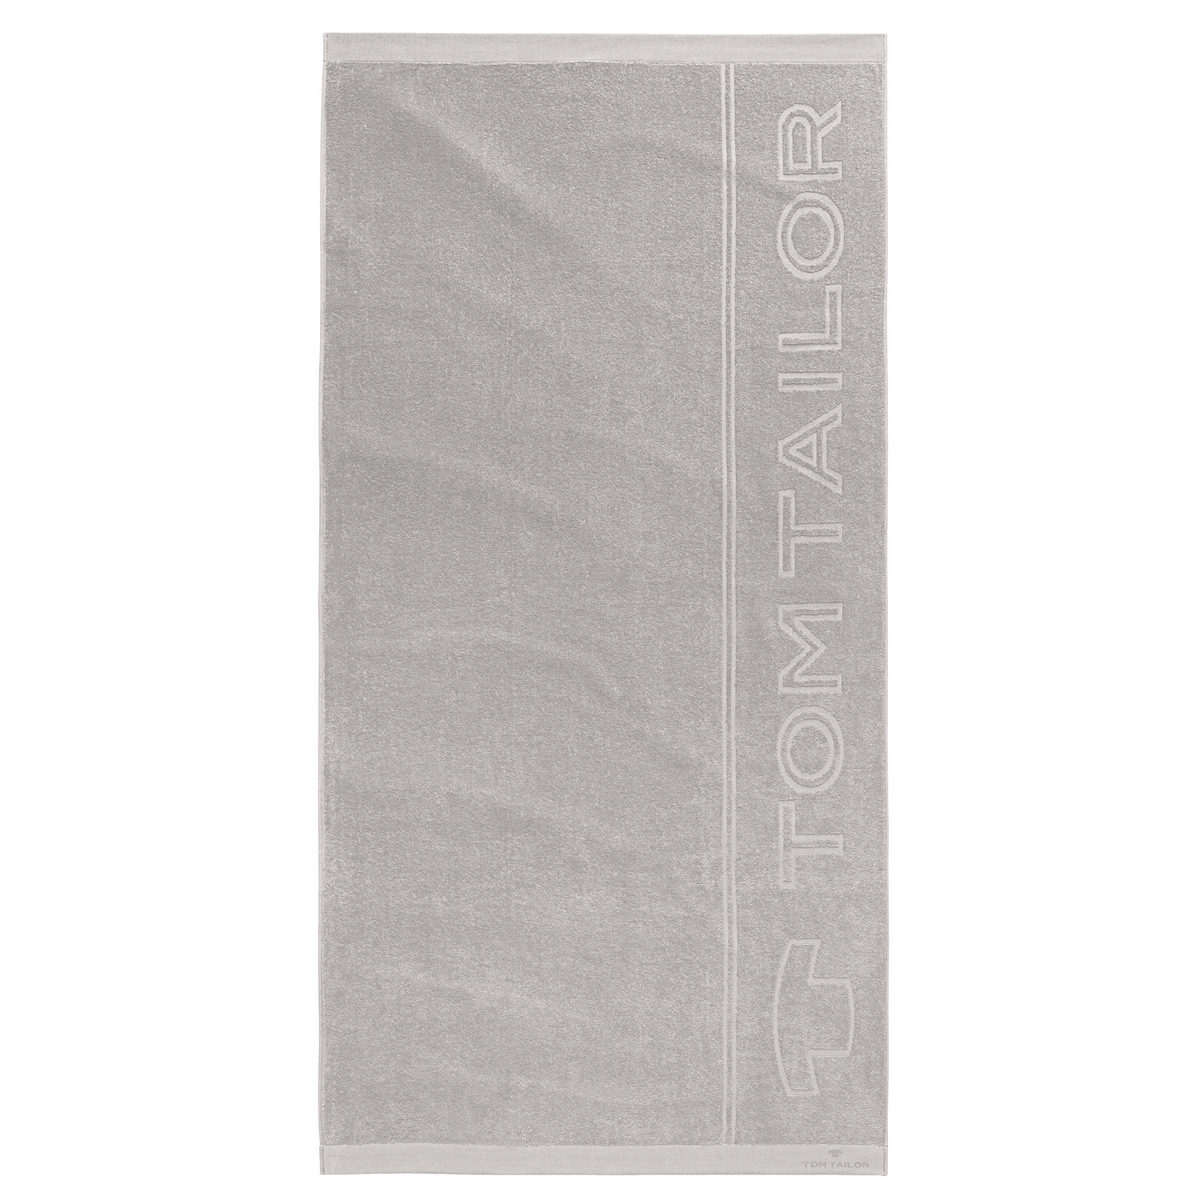 Πετσέτα Θαλάσσης 100 119 Multi-Functional 901 Silver Tom Tailor Θαλάσσης 90x180cm